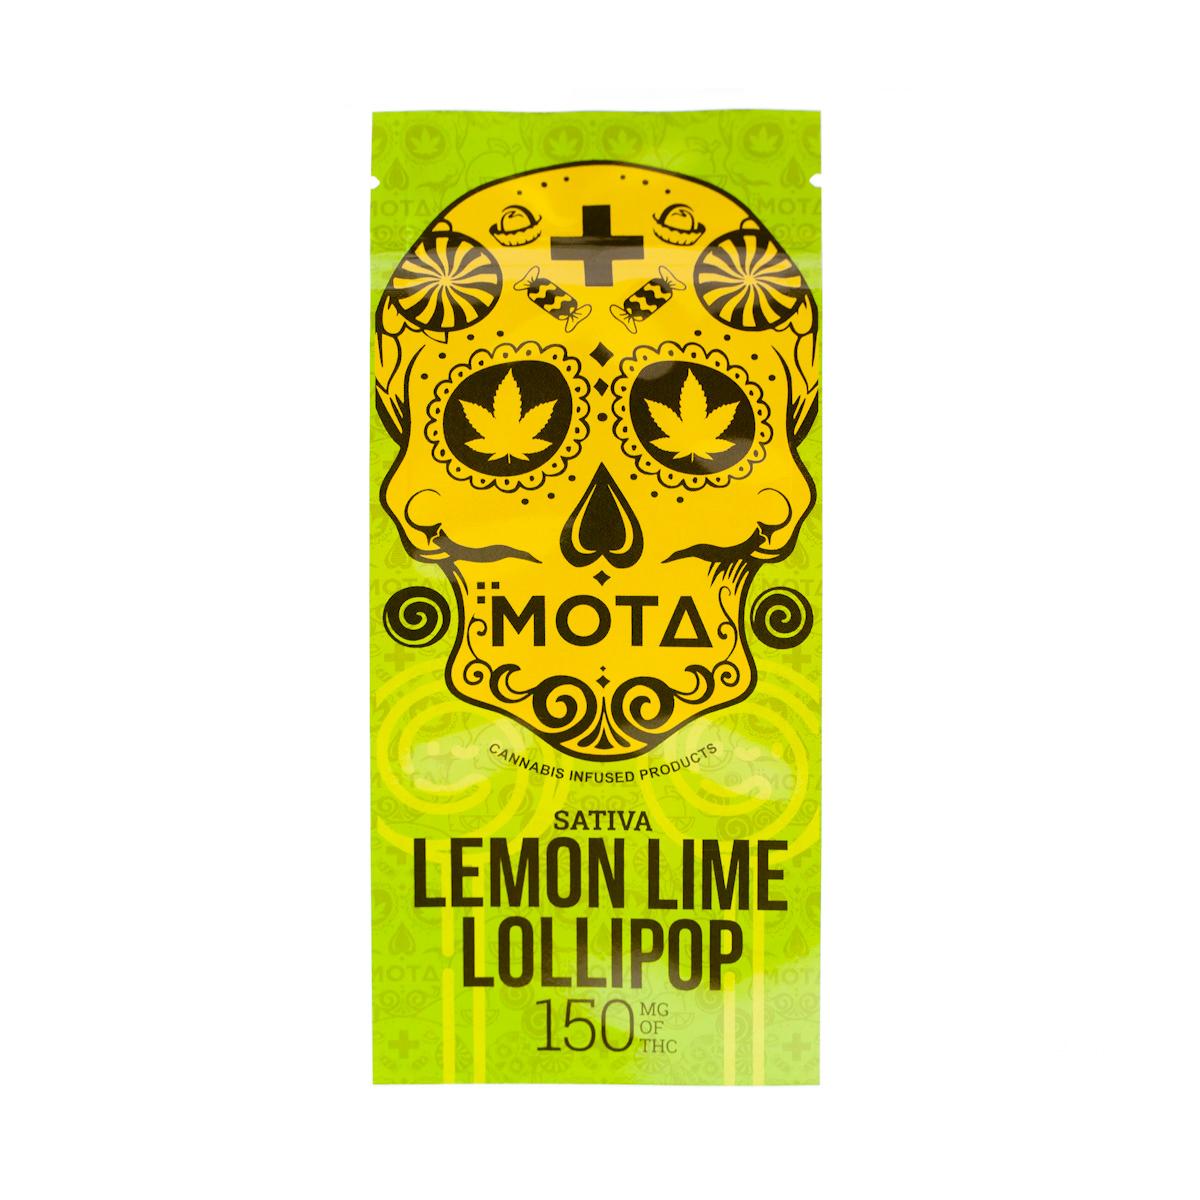 Buy MOTA Lollipop - Lemon Lime